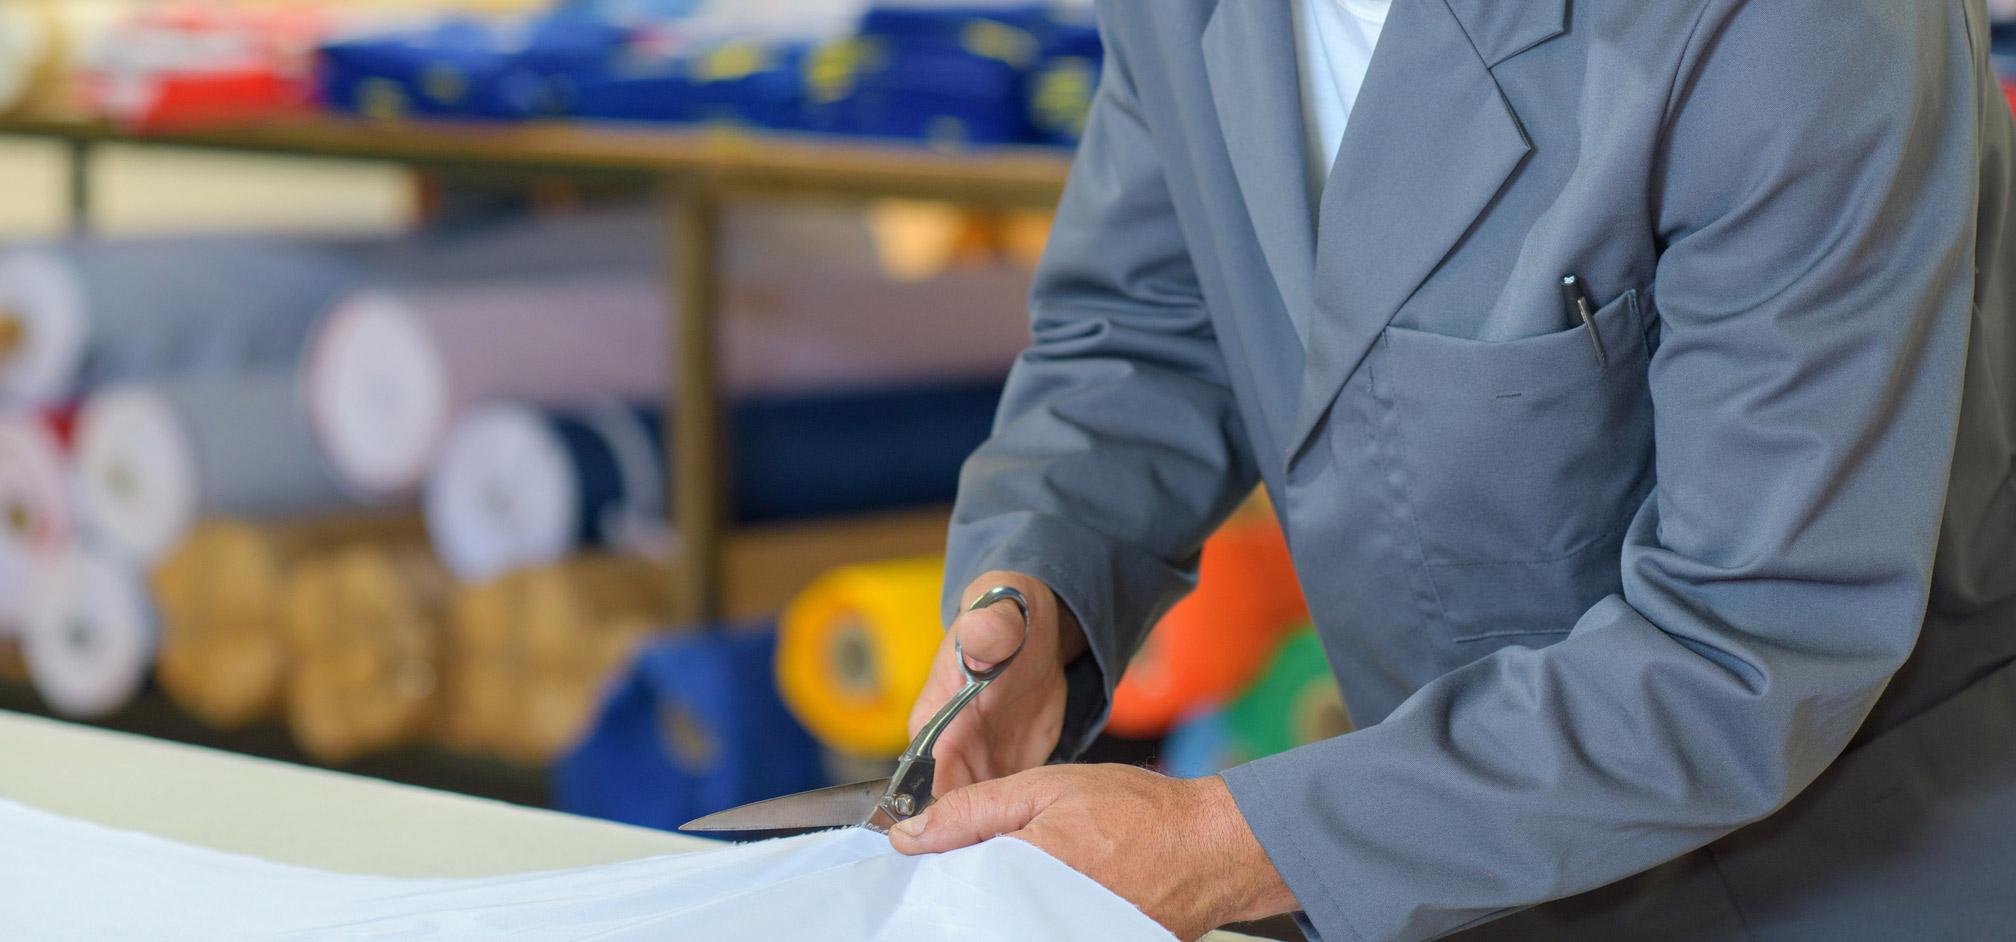 Konfektion Planen &Textil | Planen nach Maß mit individueller ...